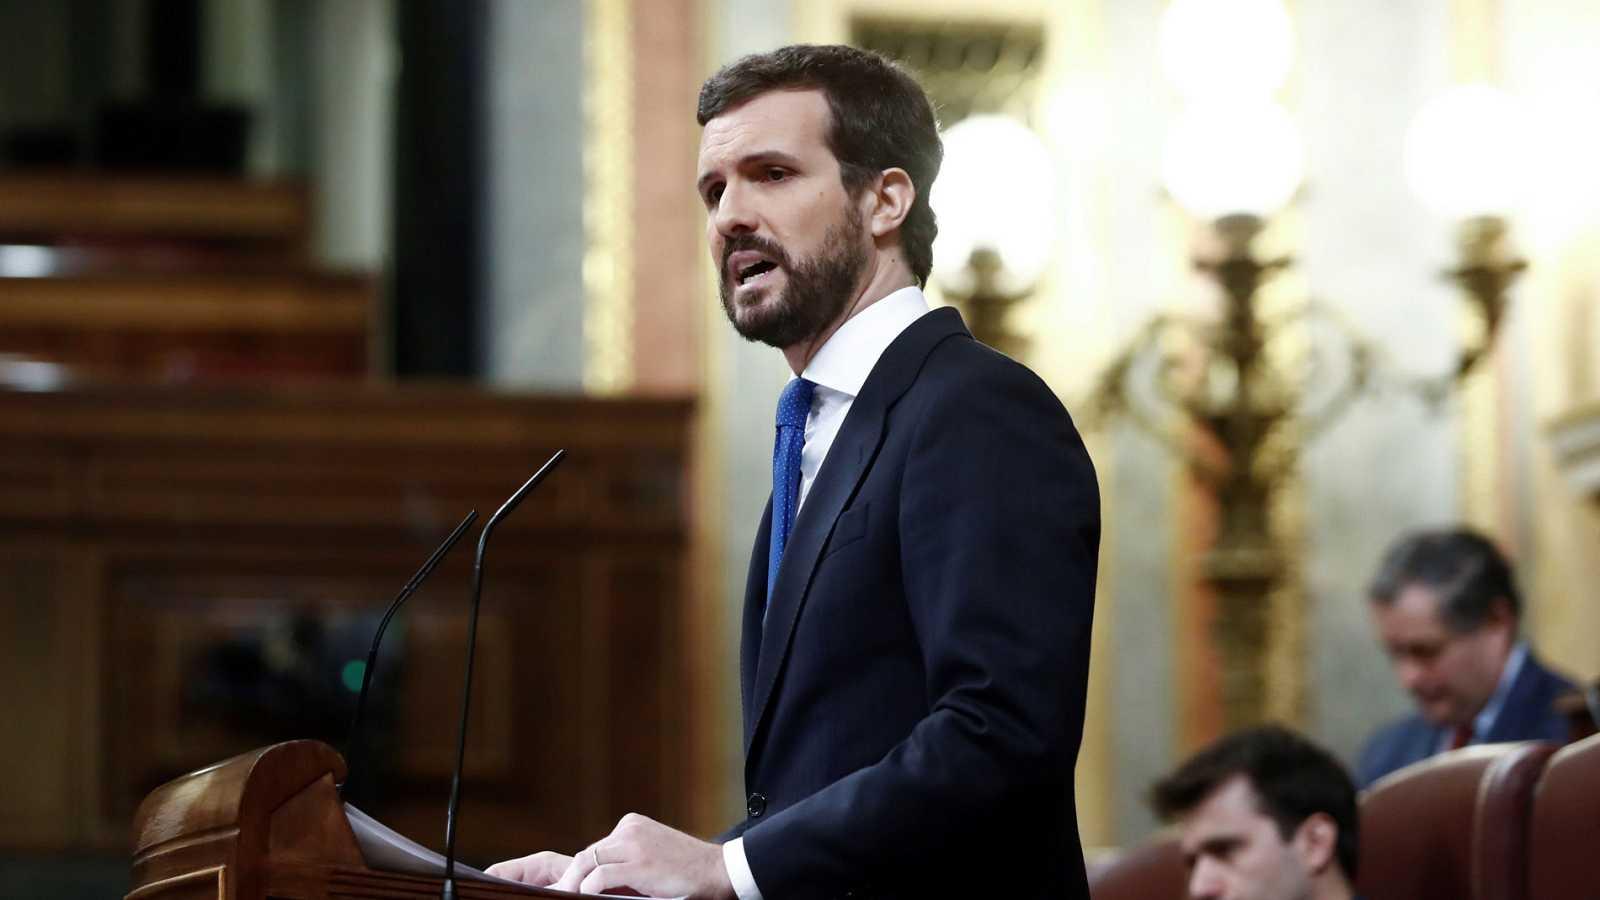 La oposición ofrece su apoyo a Sánchez contra el coronavirus, pero con matices